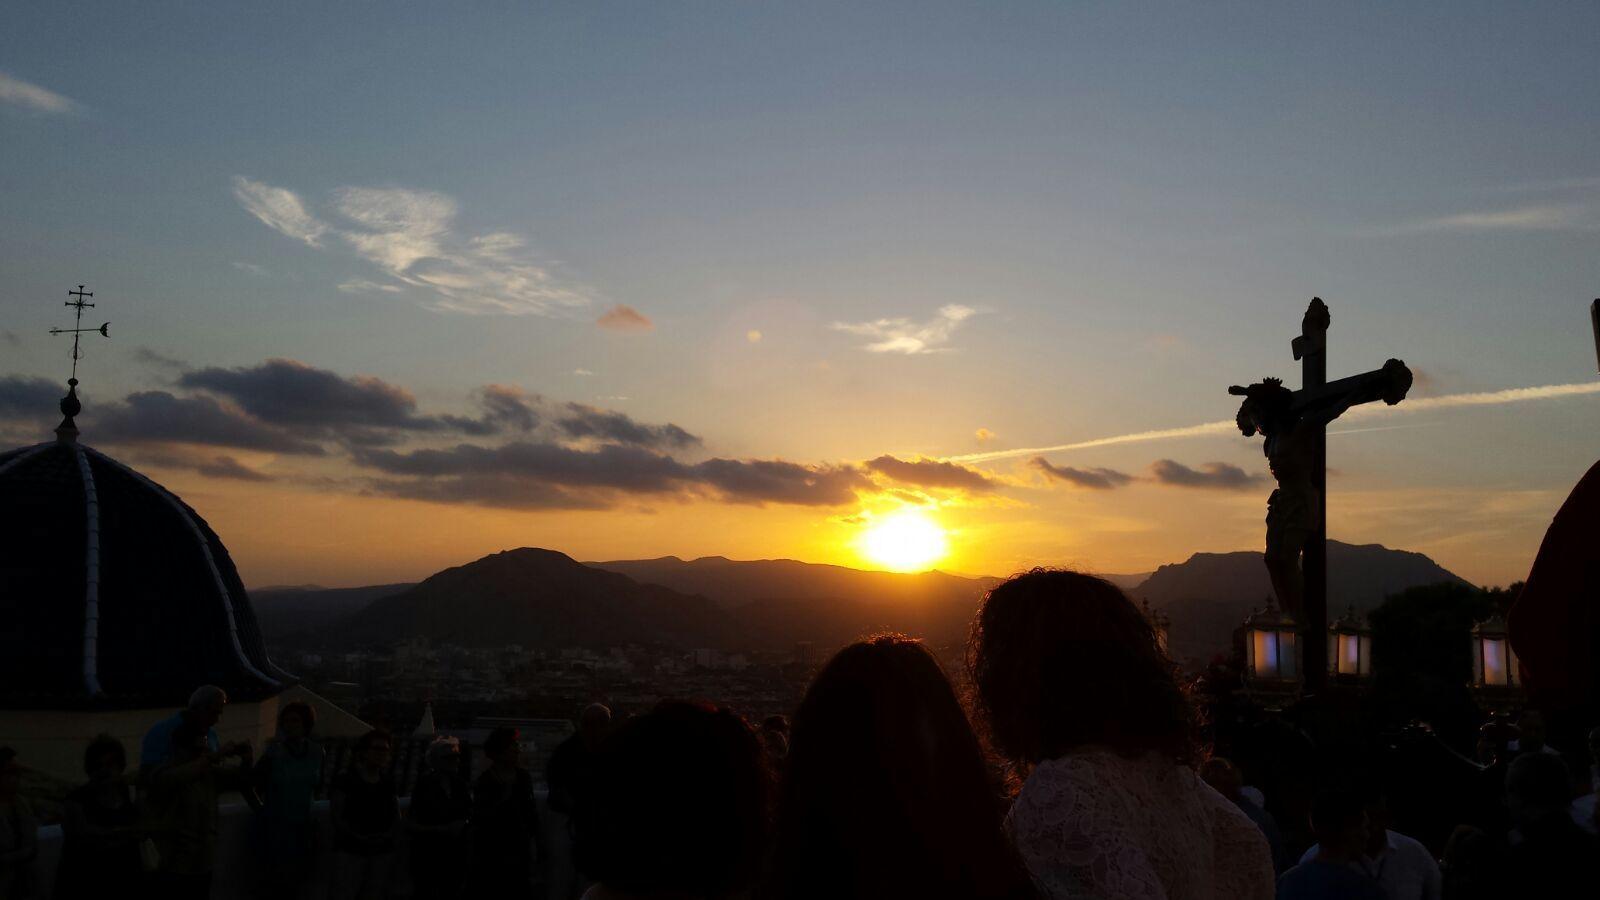 elcristo-fotografias-2016-via-crucis-50-anv-parroquia-santa-cruz-2016-09-11-adrian-romero